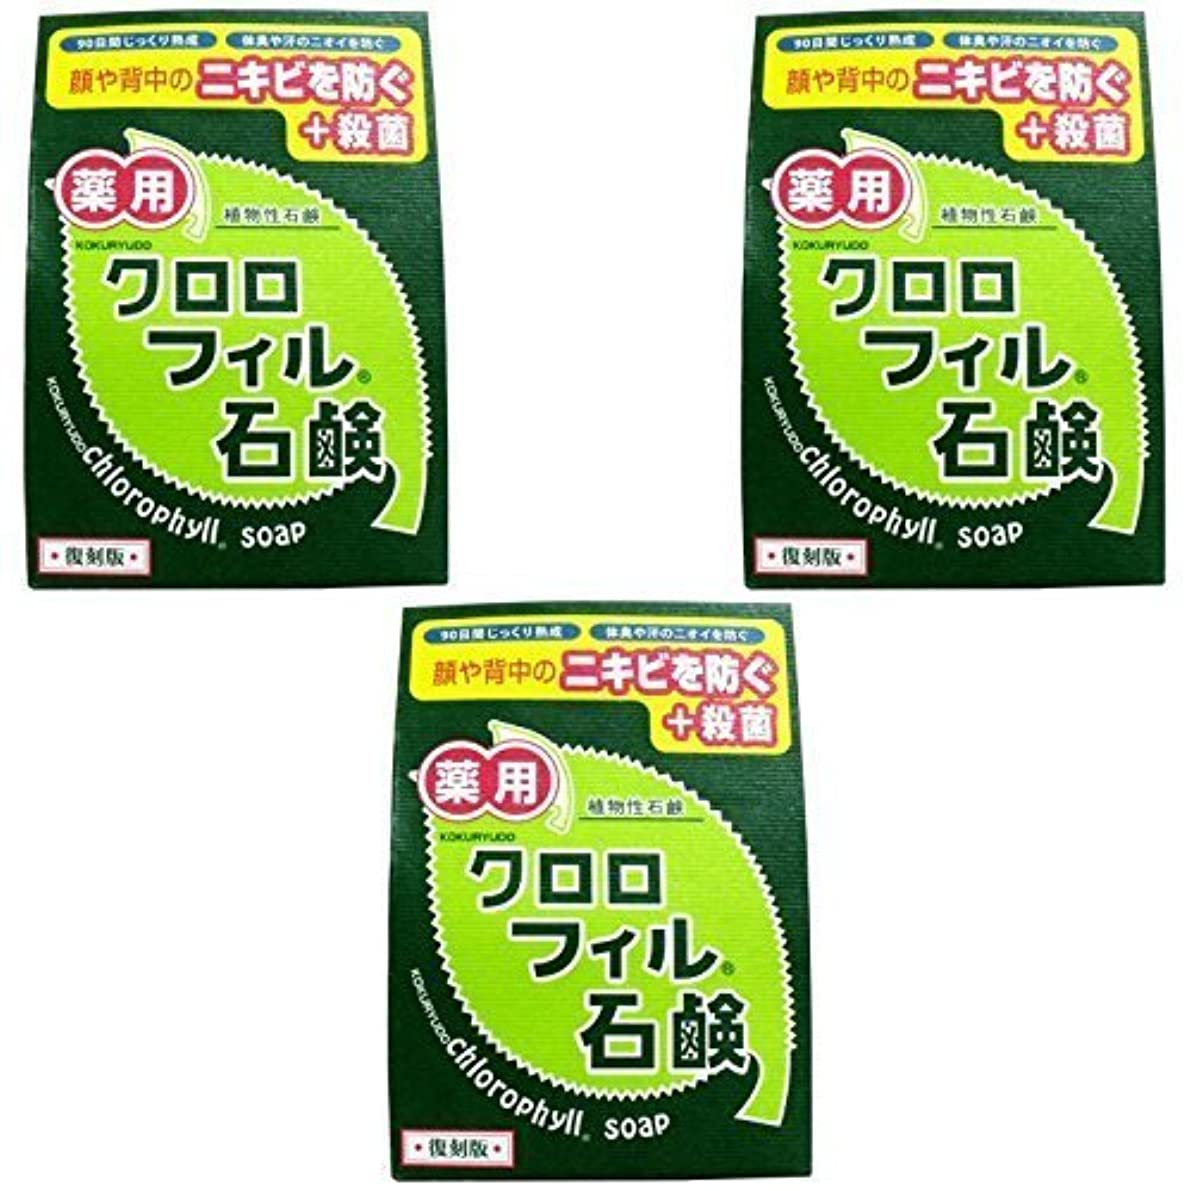 見つける奇跡異常【まとめ買い】クロロフィル石鹸 復刻版 85g (医薬部外品)【×3個】